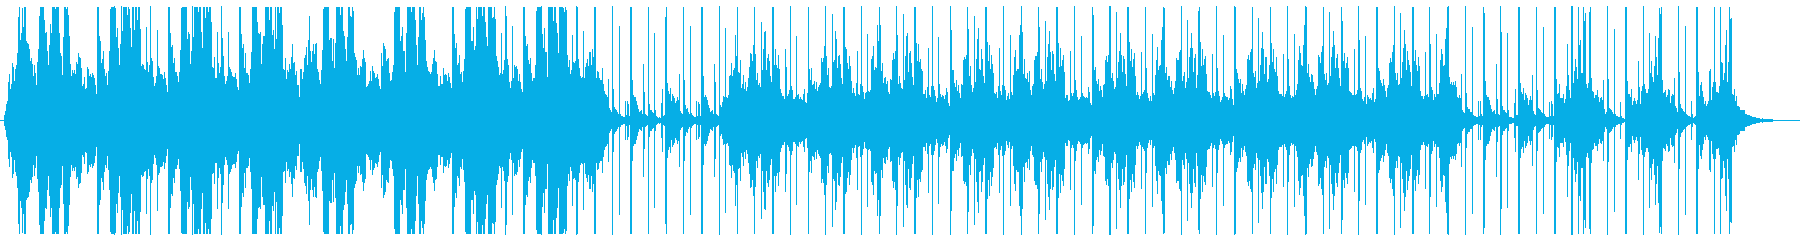 アンビエント系ドキュメンタリーの再生済みの波形